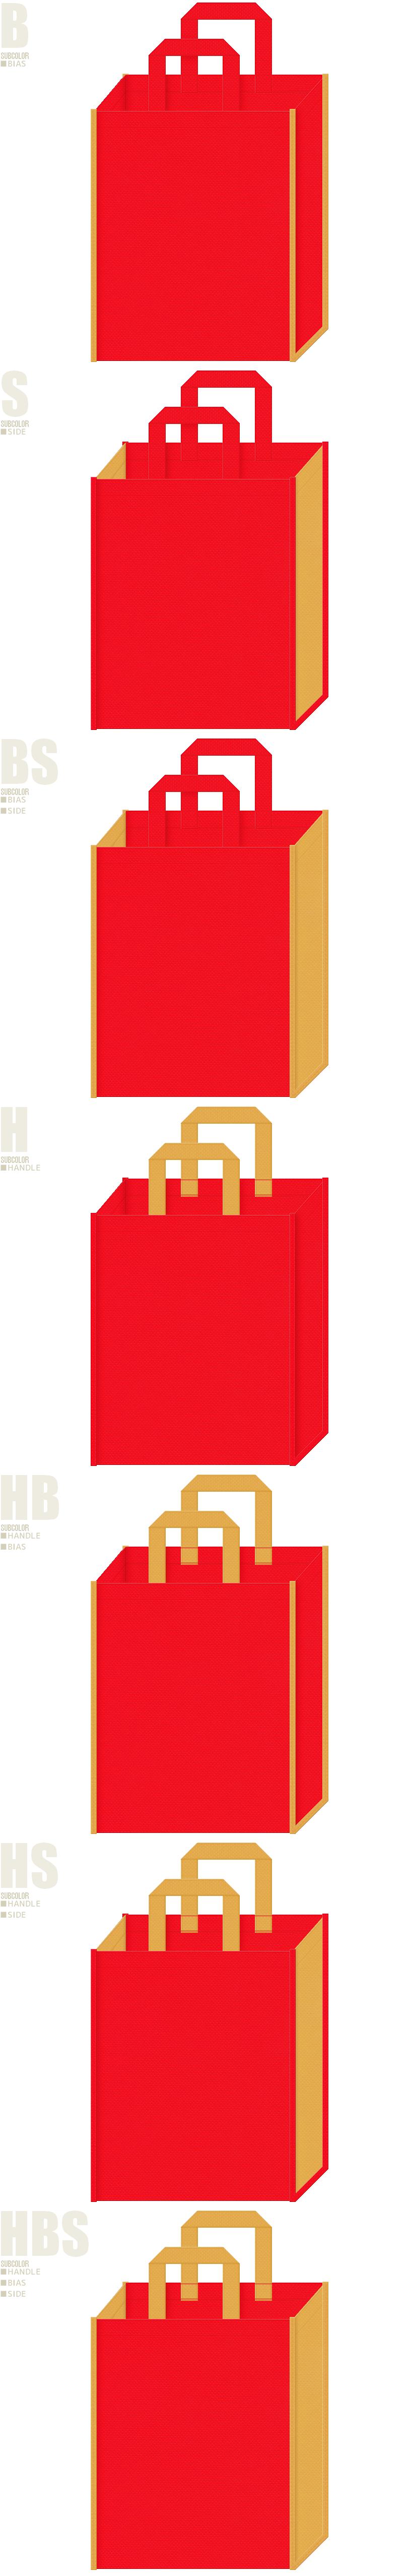 赤色と黄土色、7パターンの不織布トートバッグ配色デザイン例。